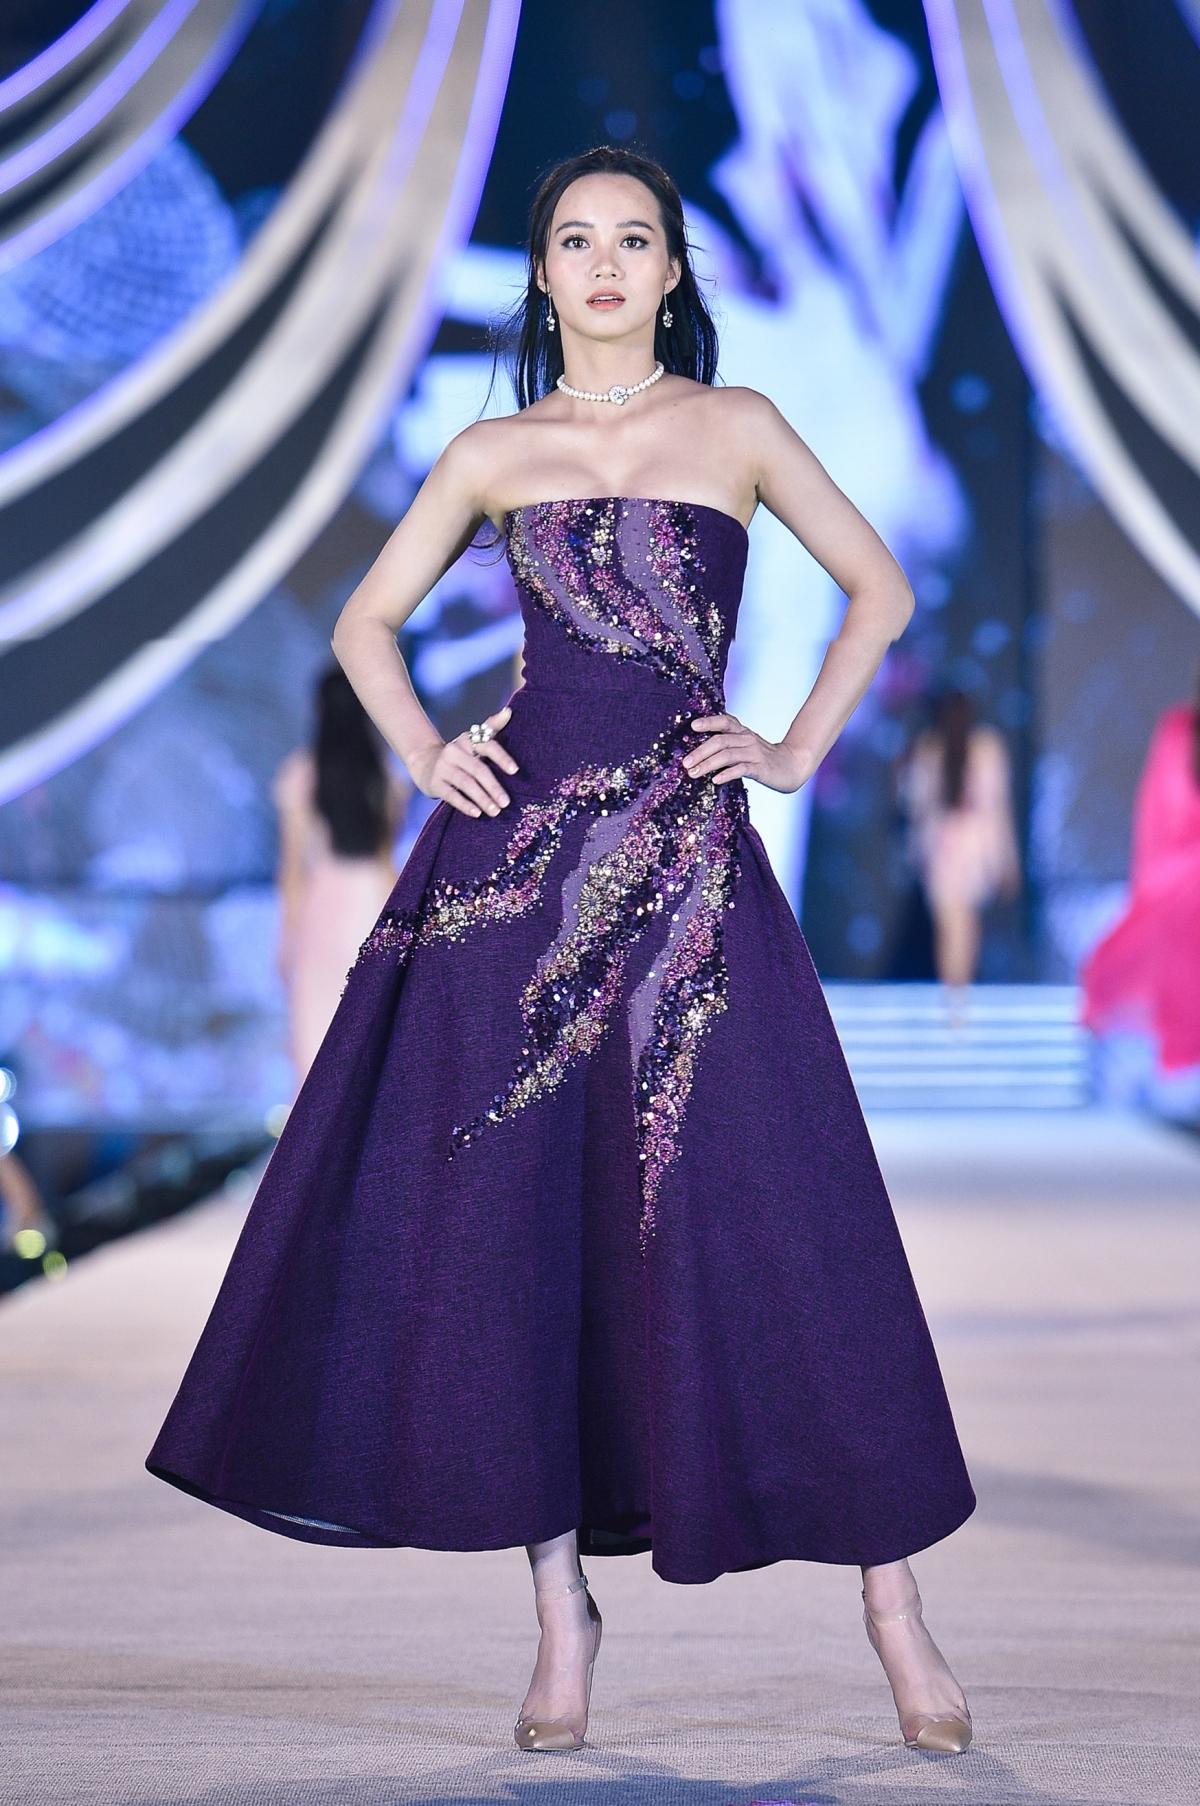 Có thể thấy, mỗi bộ trang phục trong BST là một sắc màu cá tính riêng biệt, hầu như không hề có sự trùng lặp nào trong chất liệu vải hay các chi tiết hoa văn điểm xuyến.